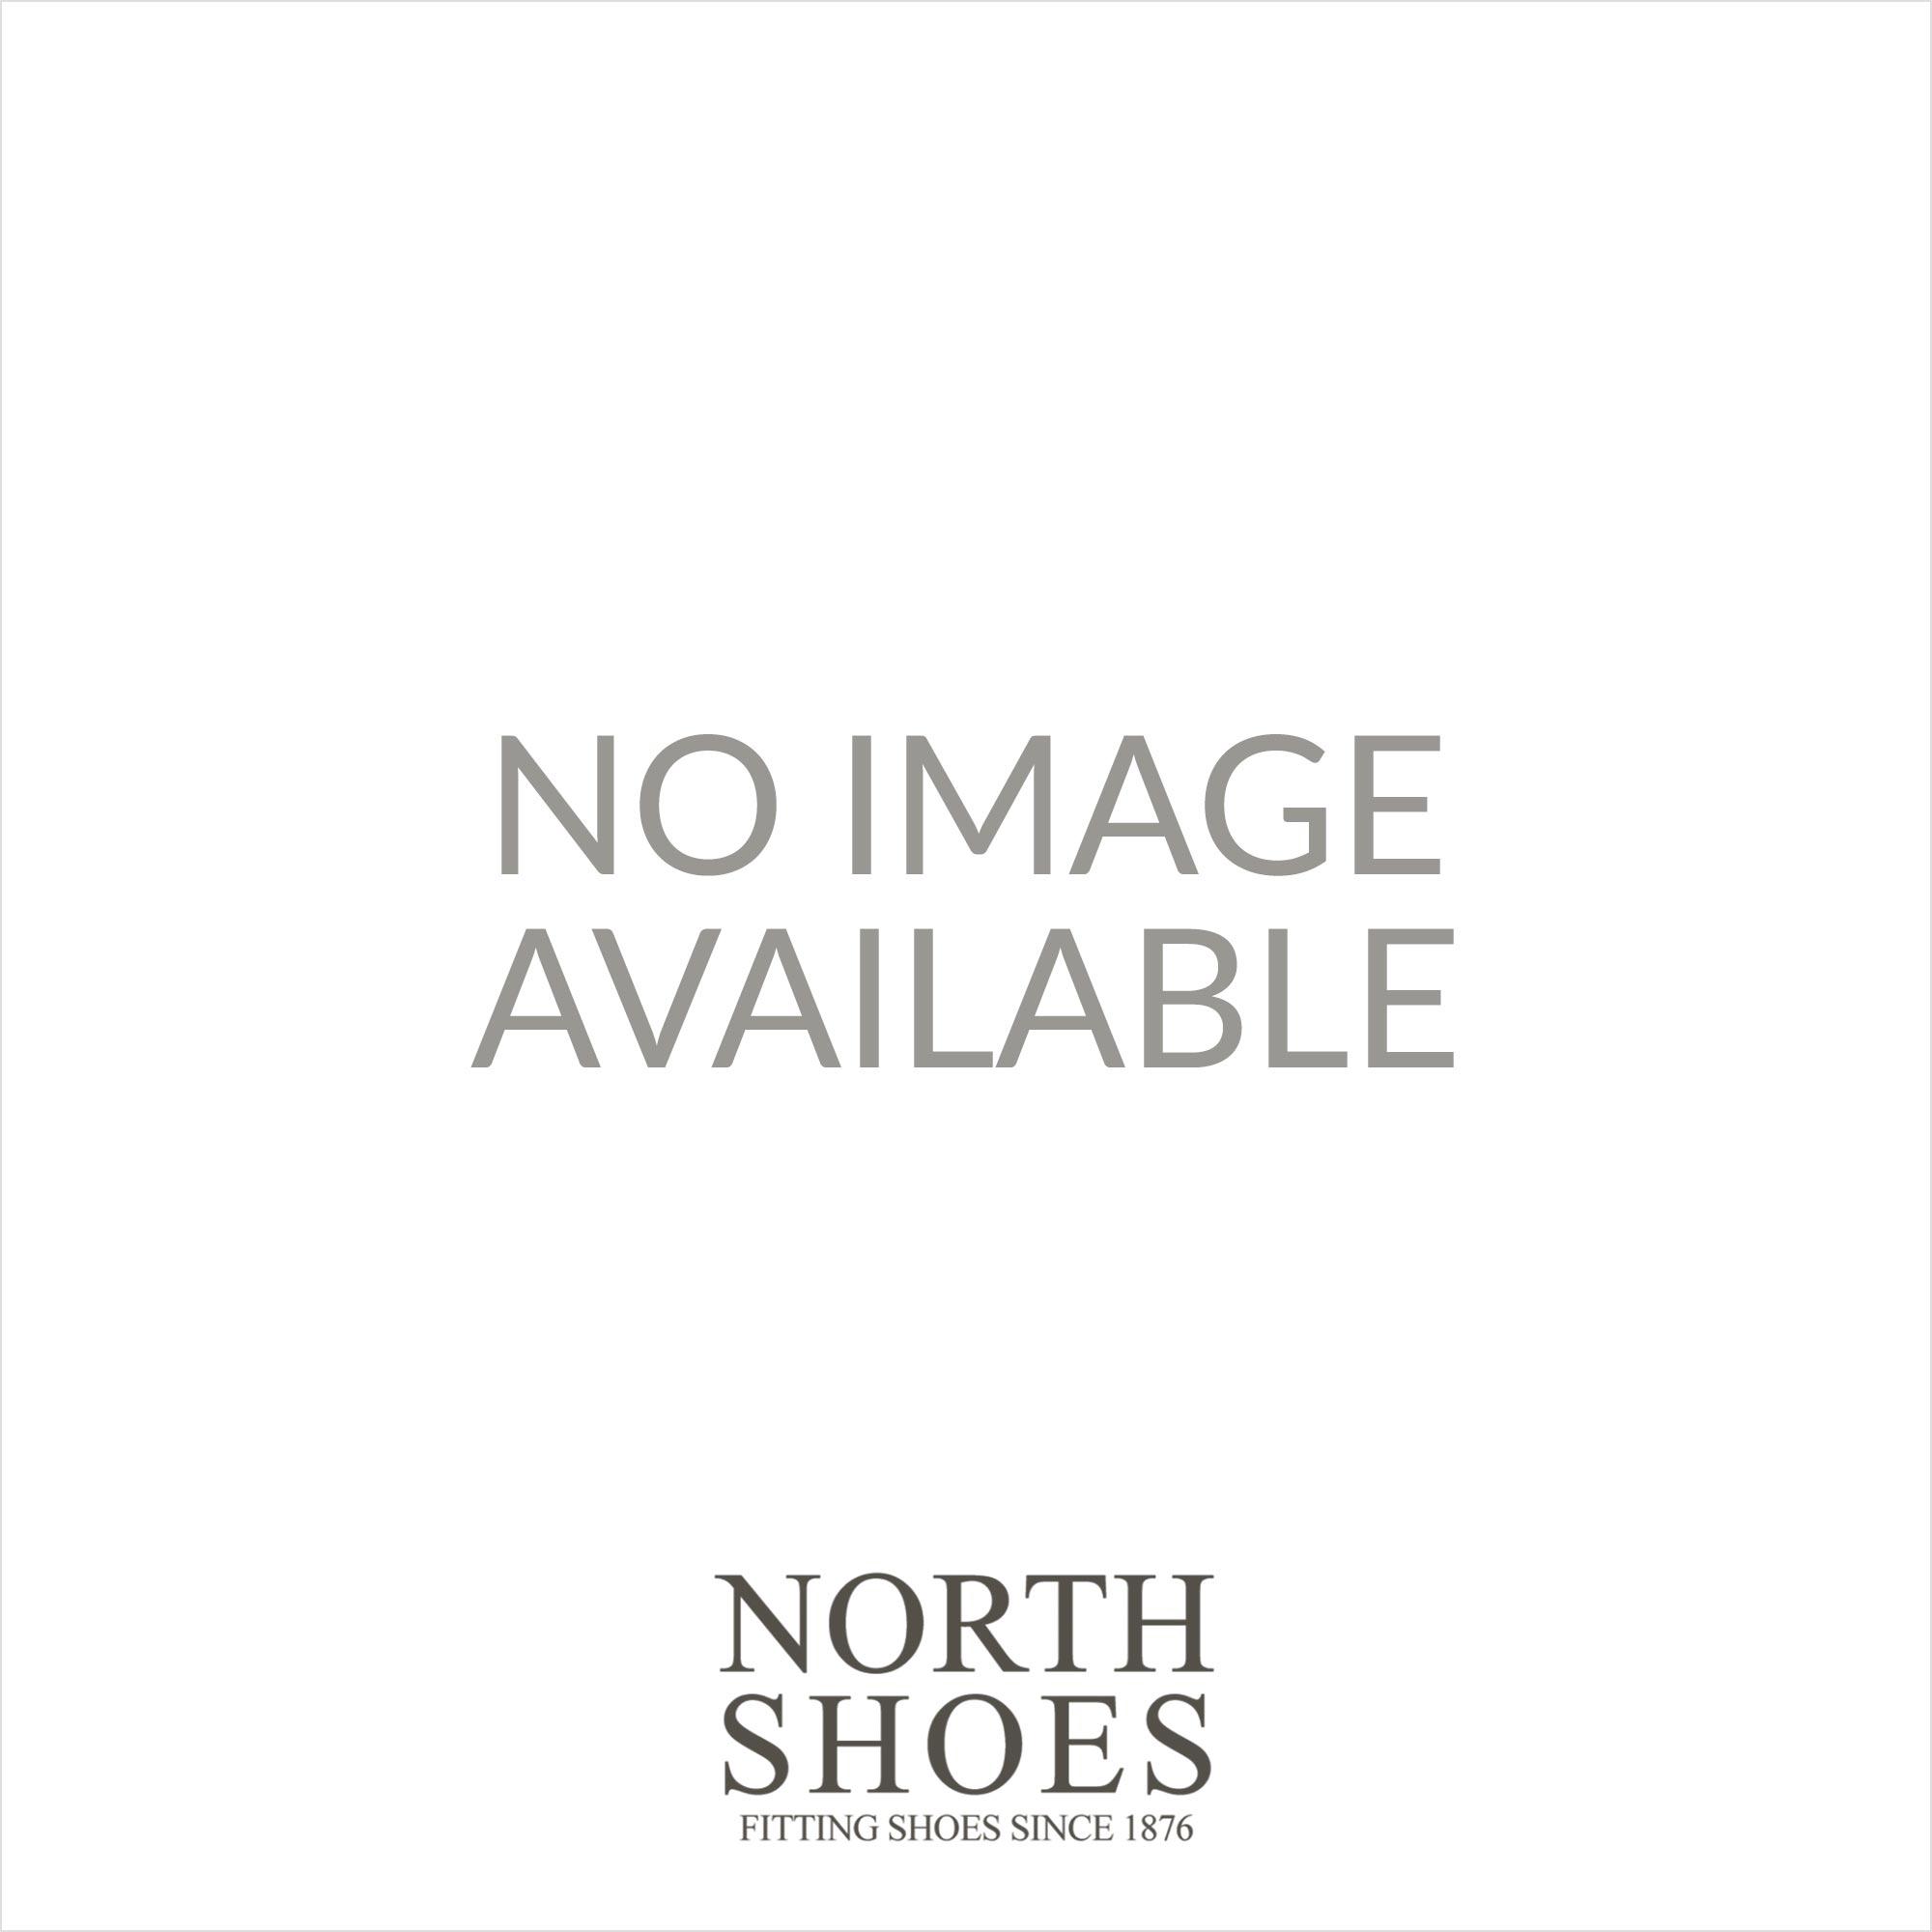 6754-00 Tan Womens Shoe